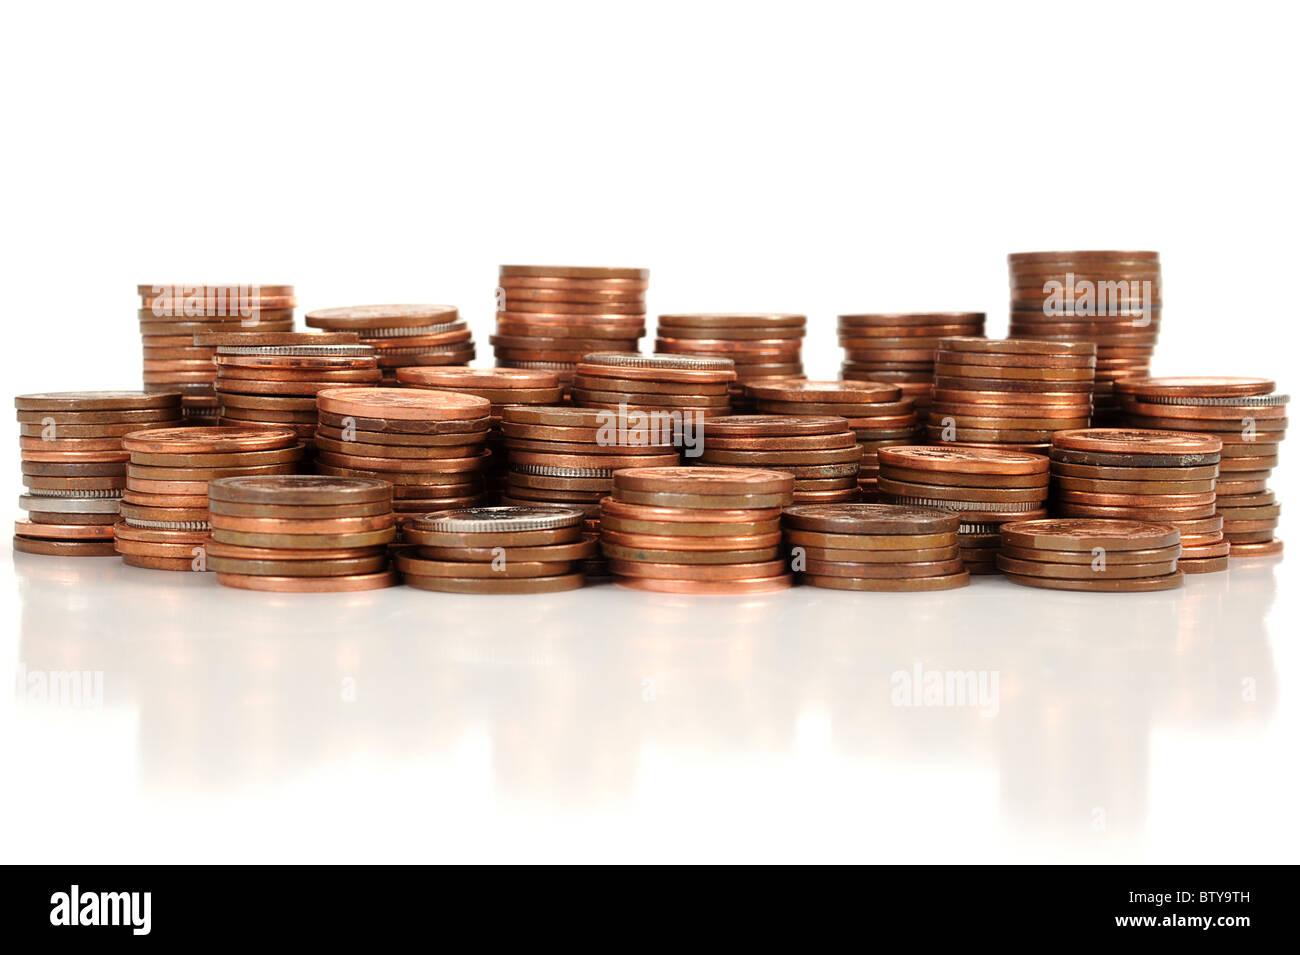 Haufen von Münzen auf weißem Hintergrund platziert Stockbild